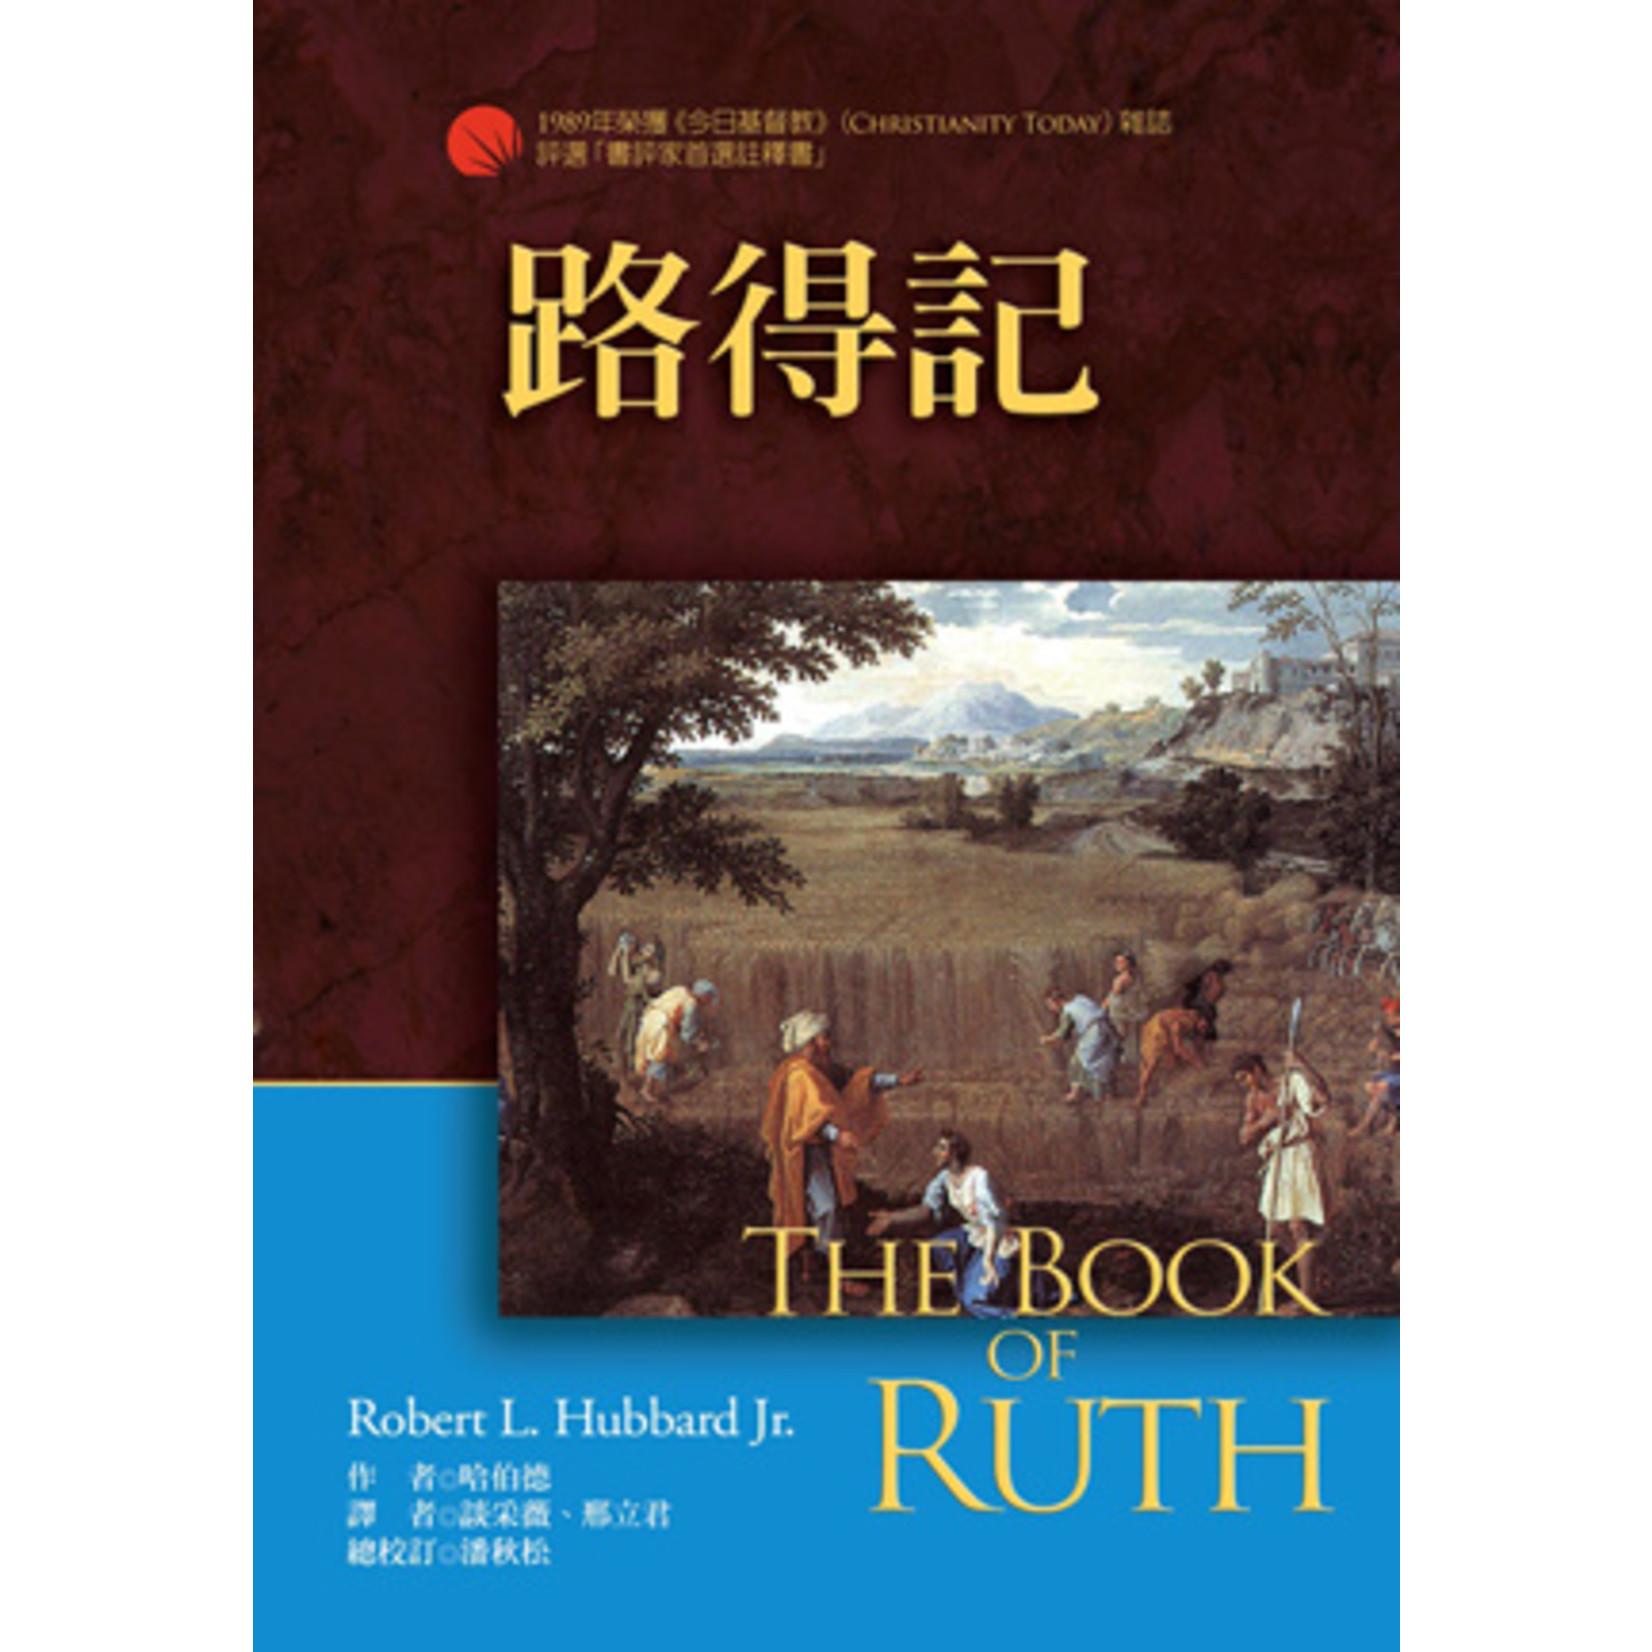 美國麥種傳道會 AKOWCM 麥種聖經註釋:路得記 The books of Ruth(NICOT)